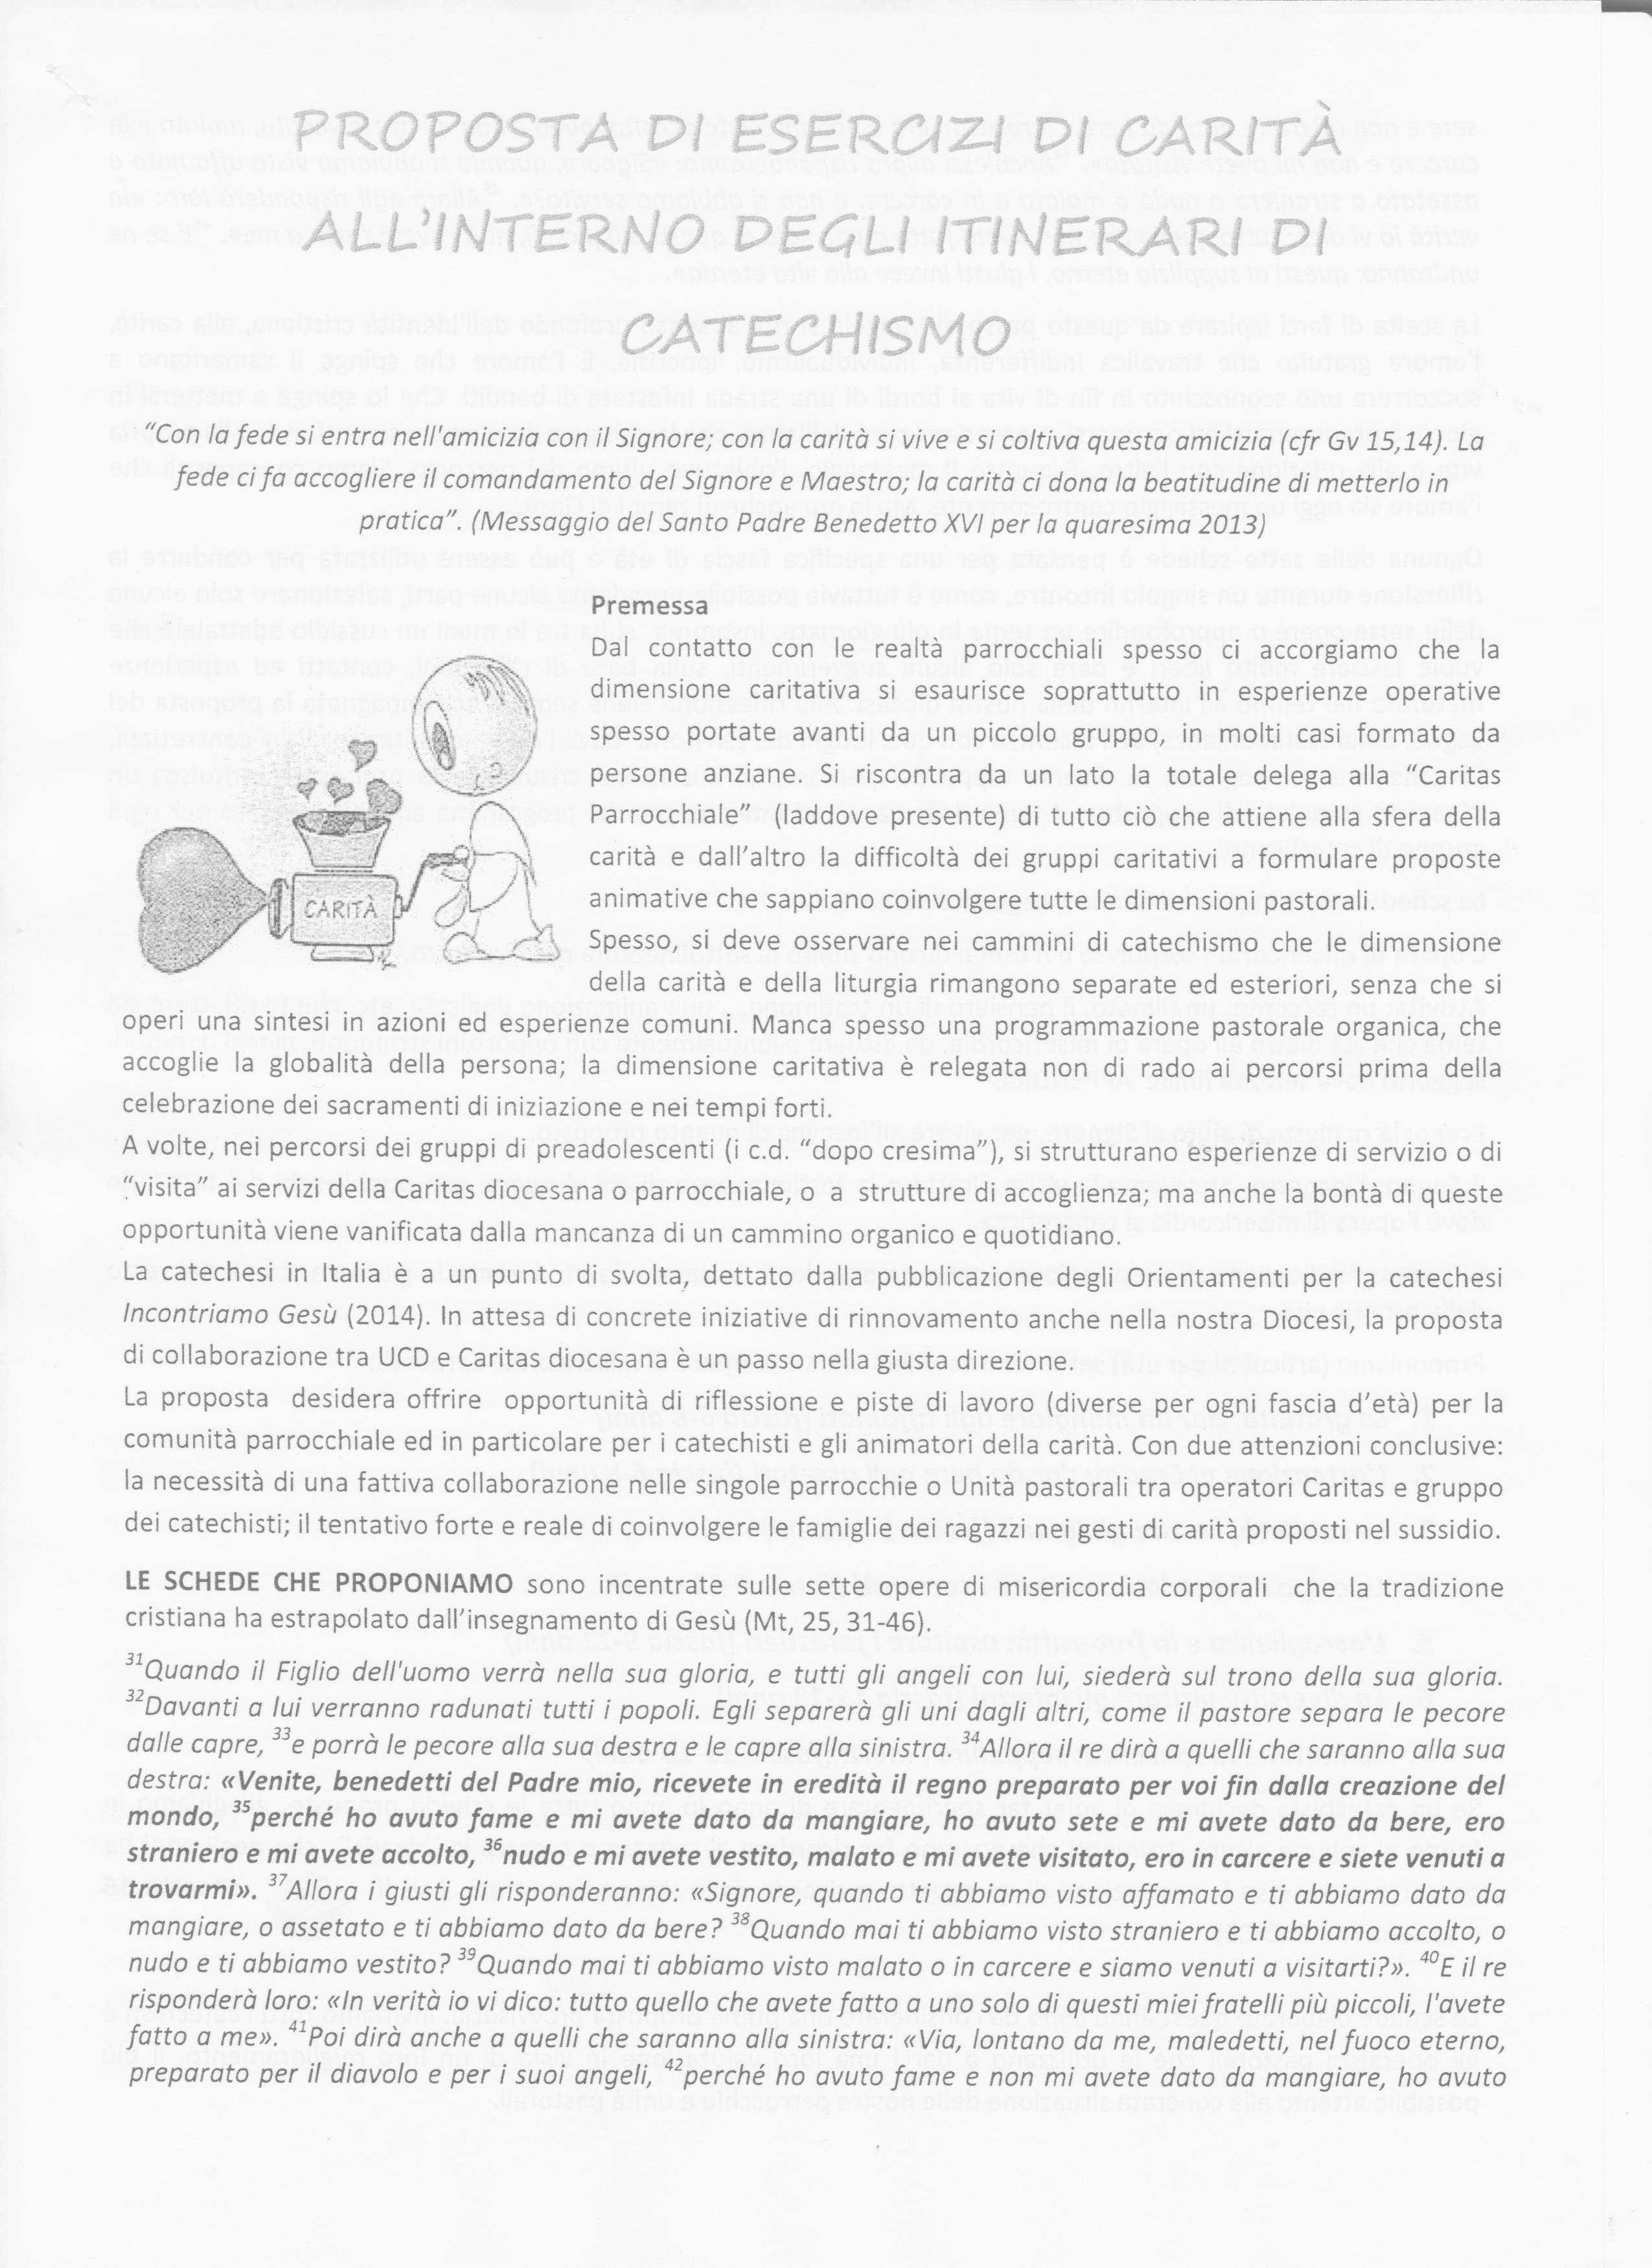 la carità nei catechismi di IC1.jpg